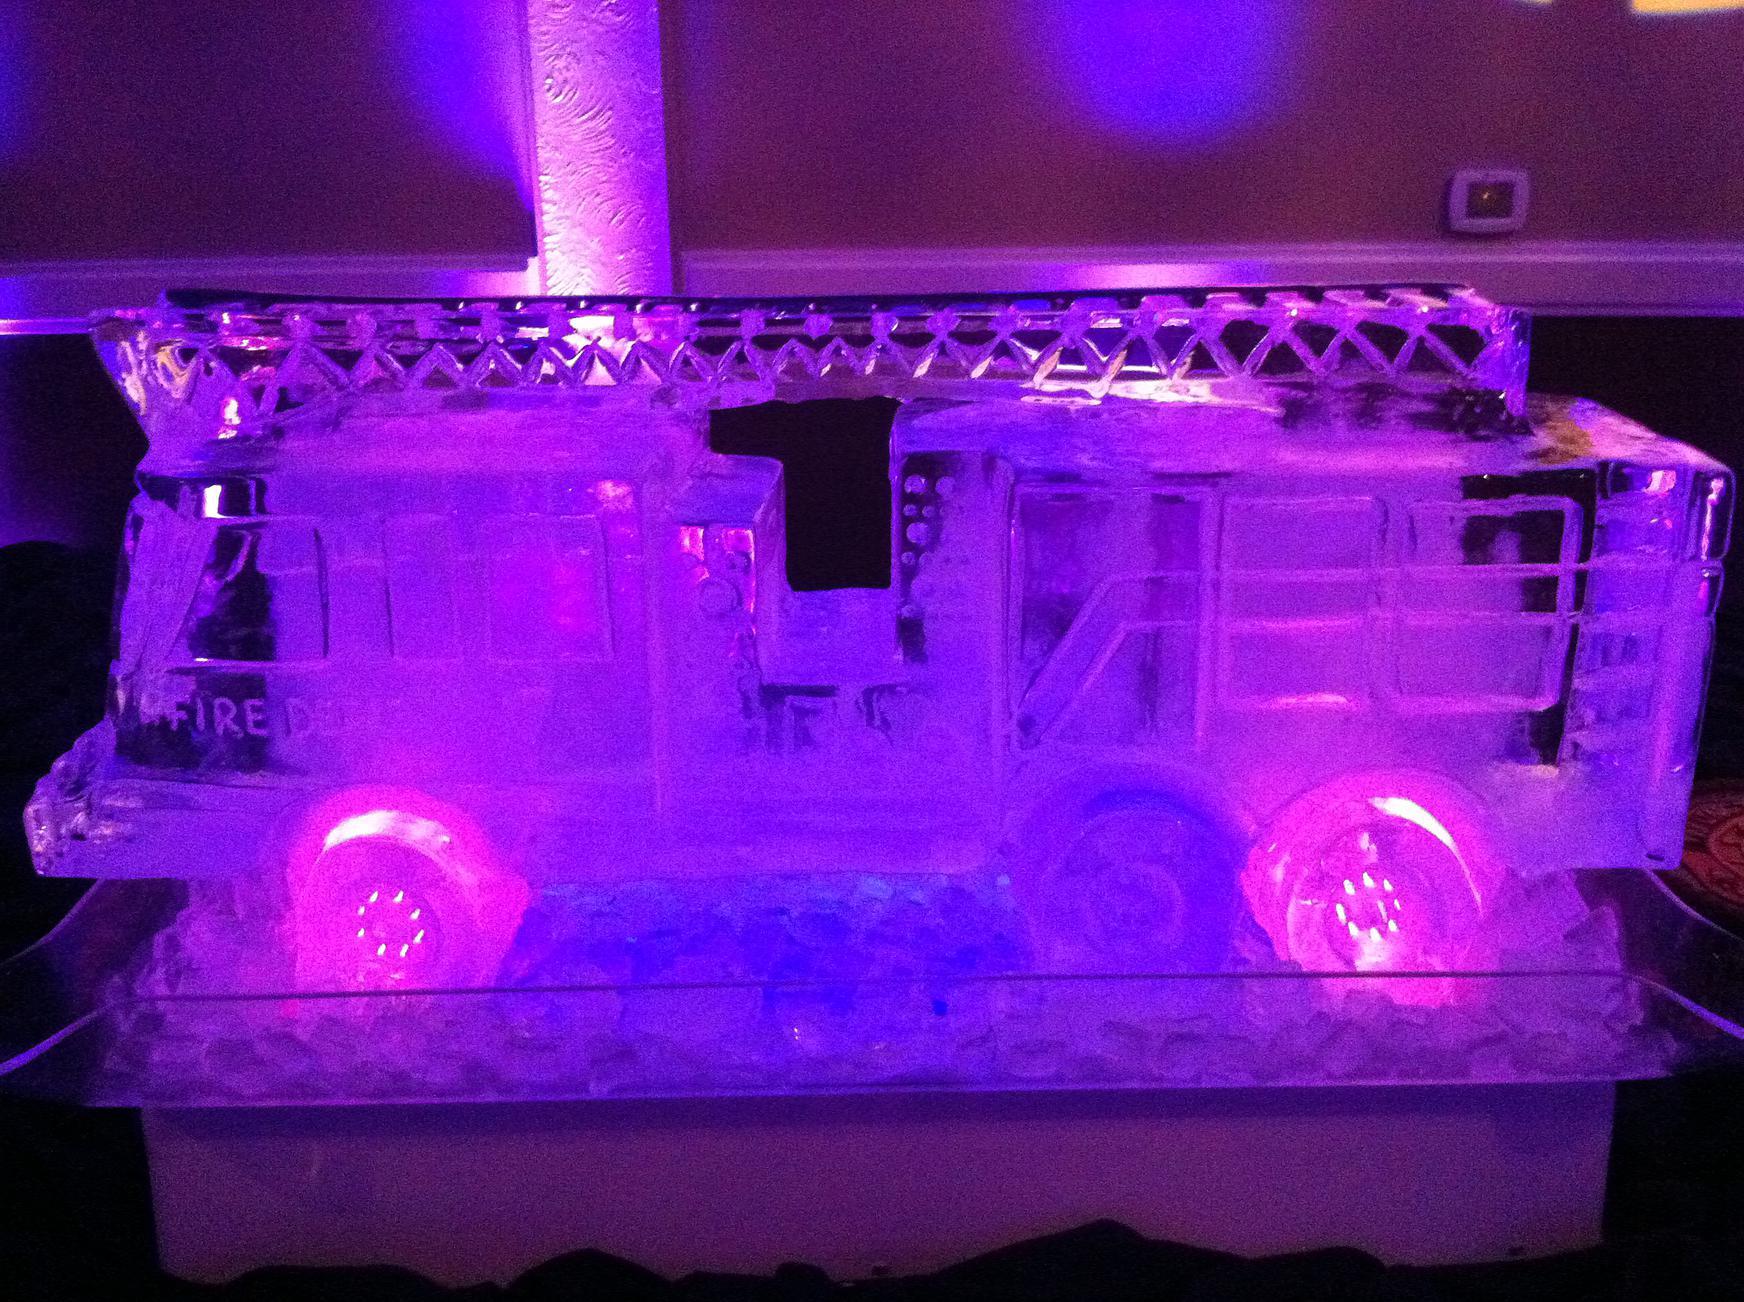 Fire truck ice sculpture